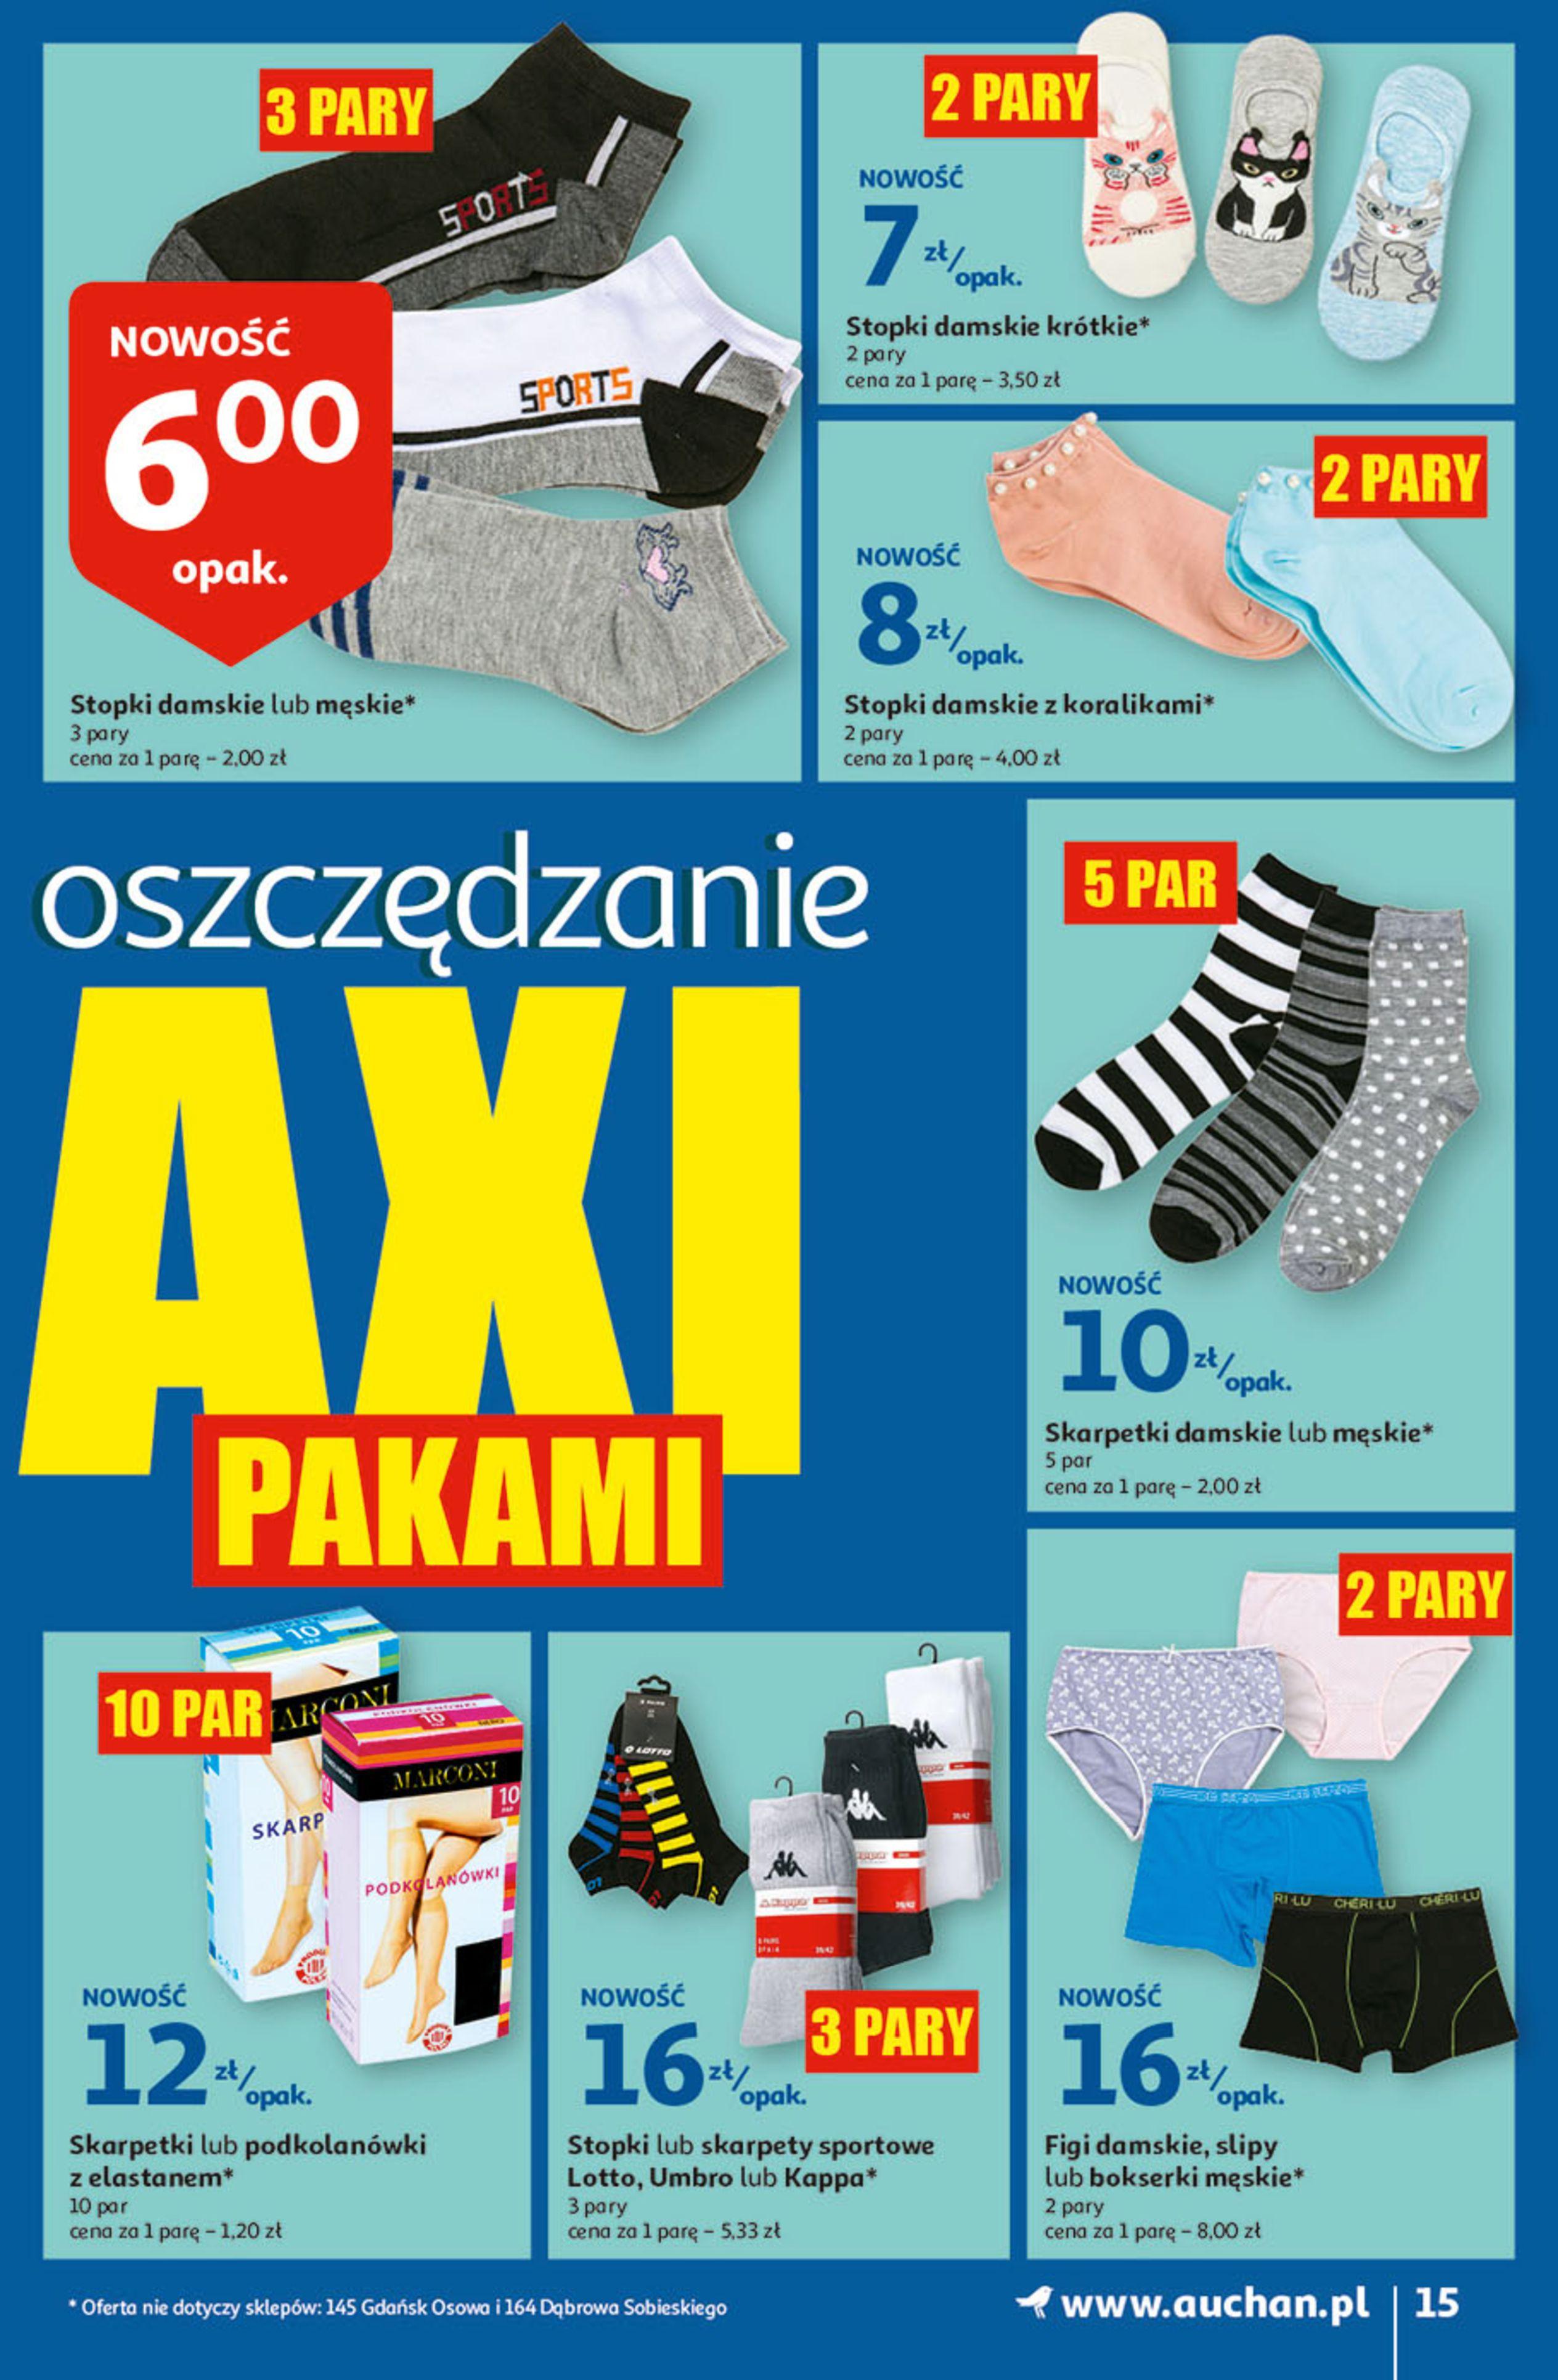 Gazetka Auchan: Gazetka Auchan - Hiperoszczędzanie w wersji Maxi Paki Hipermarkety 2021-09-16 page-15